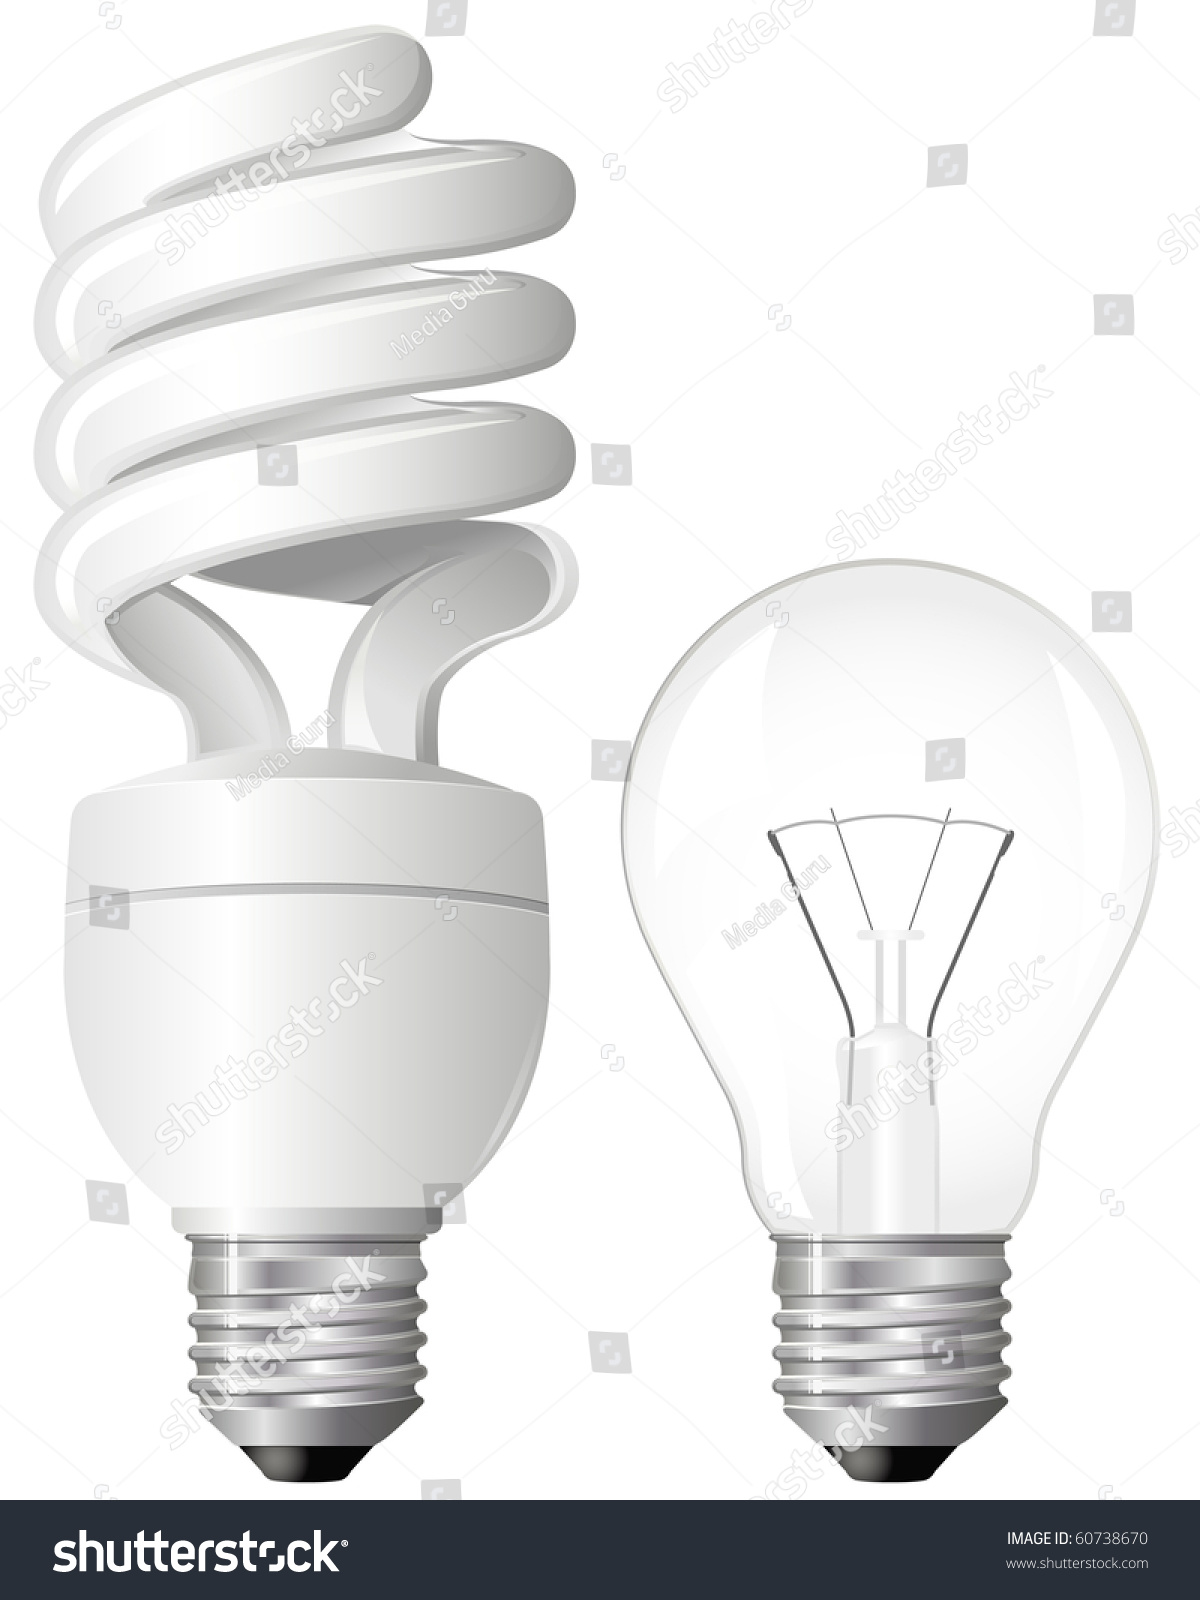 Efficient pact Fluorescent Light Bulb Stock Vector